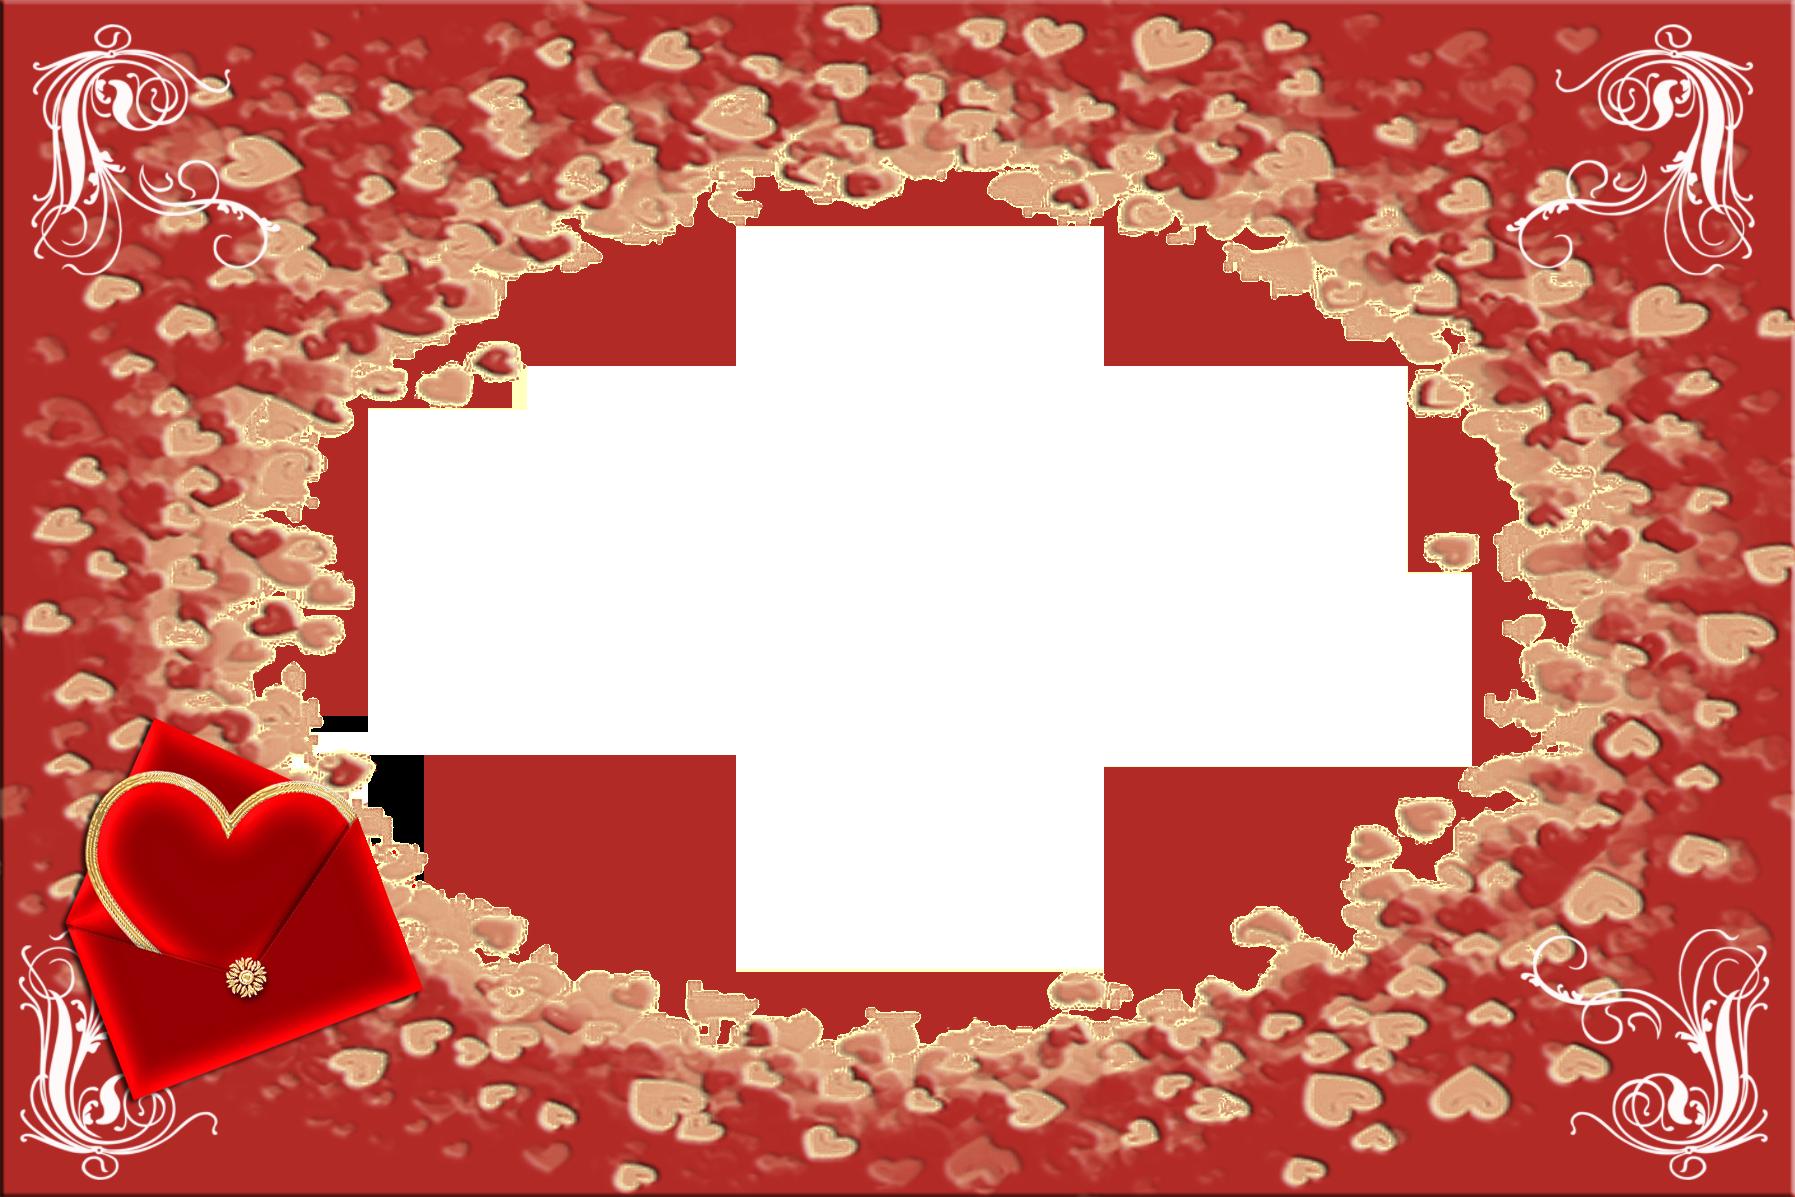 День святого валентина анимация рамки